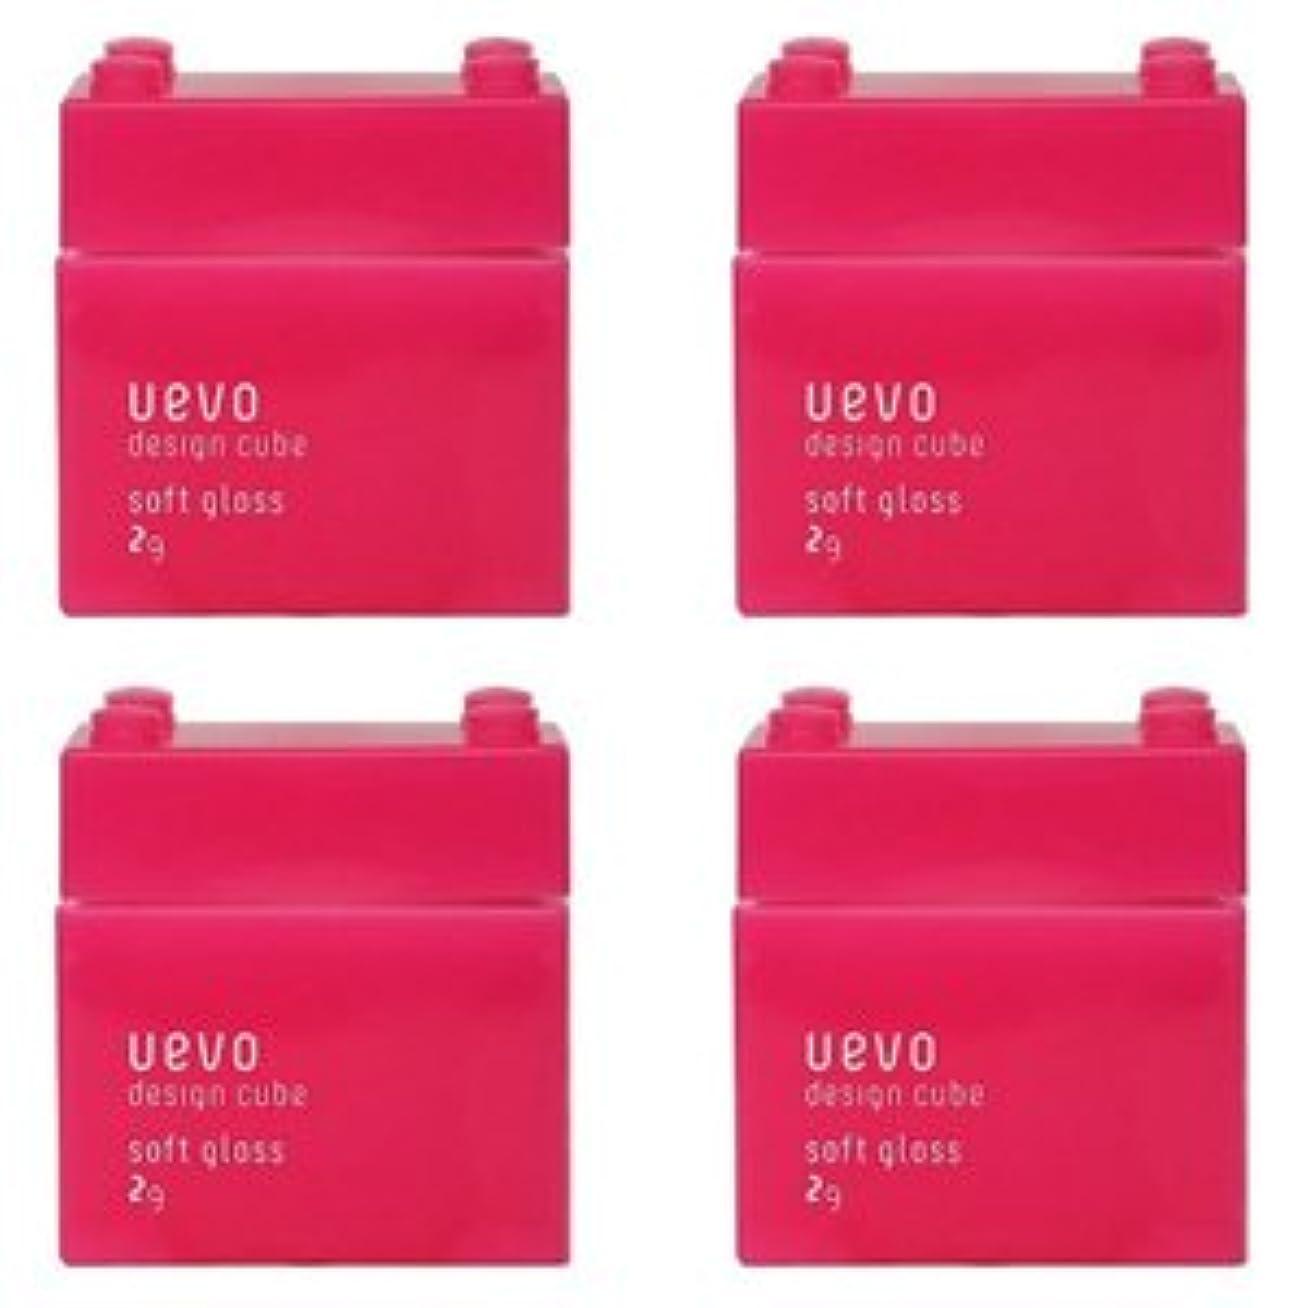 自然単調なギャップ【X4個セット】 デミ ウェーボ デザインキューブ ソフトグロス 80g soft gloss DEMI uevo design cube